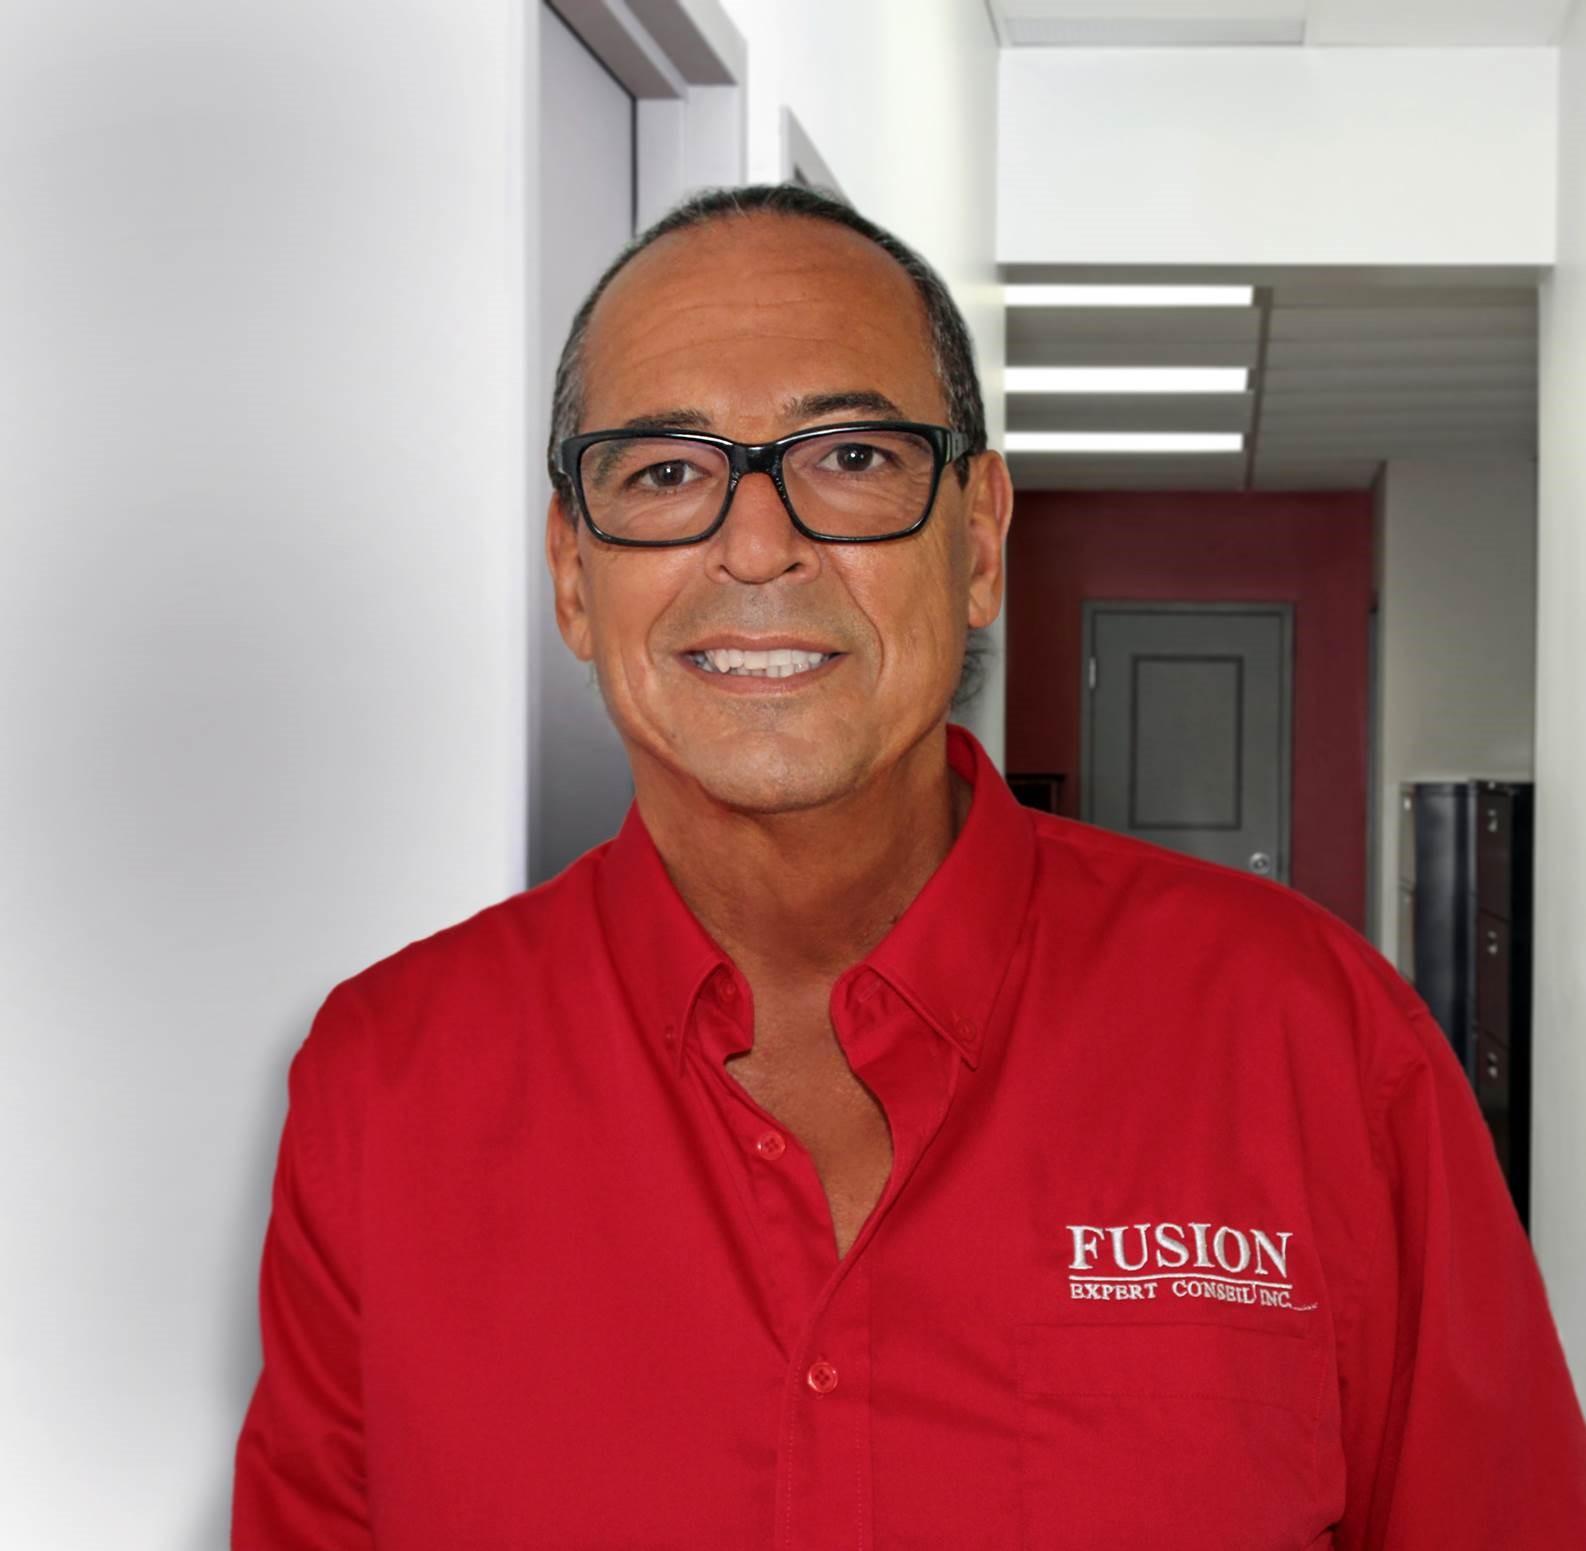 Bruno Forand